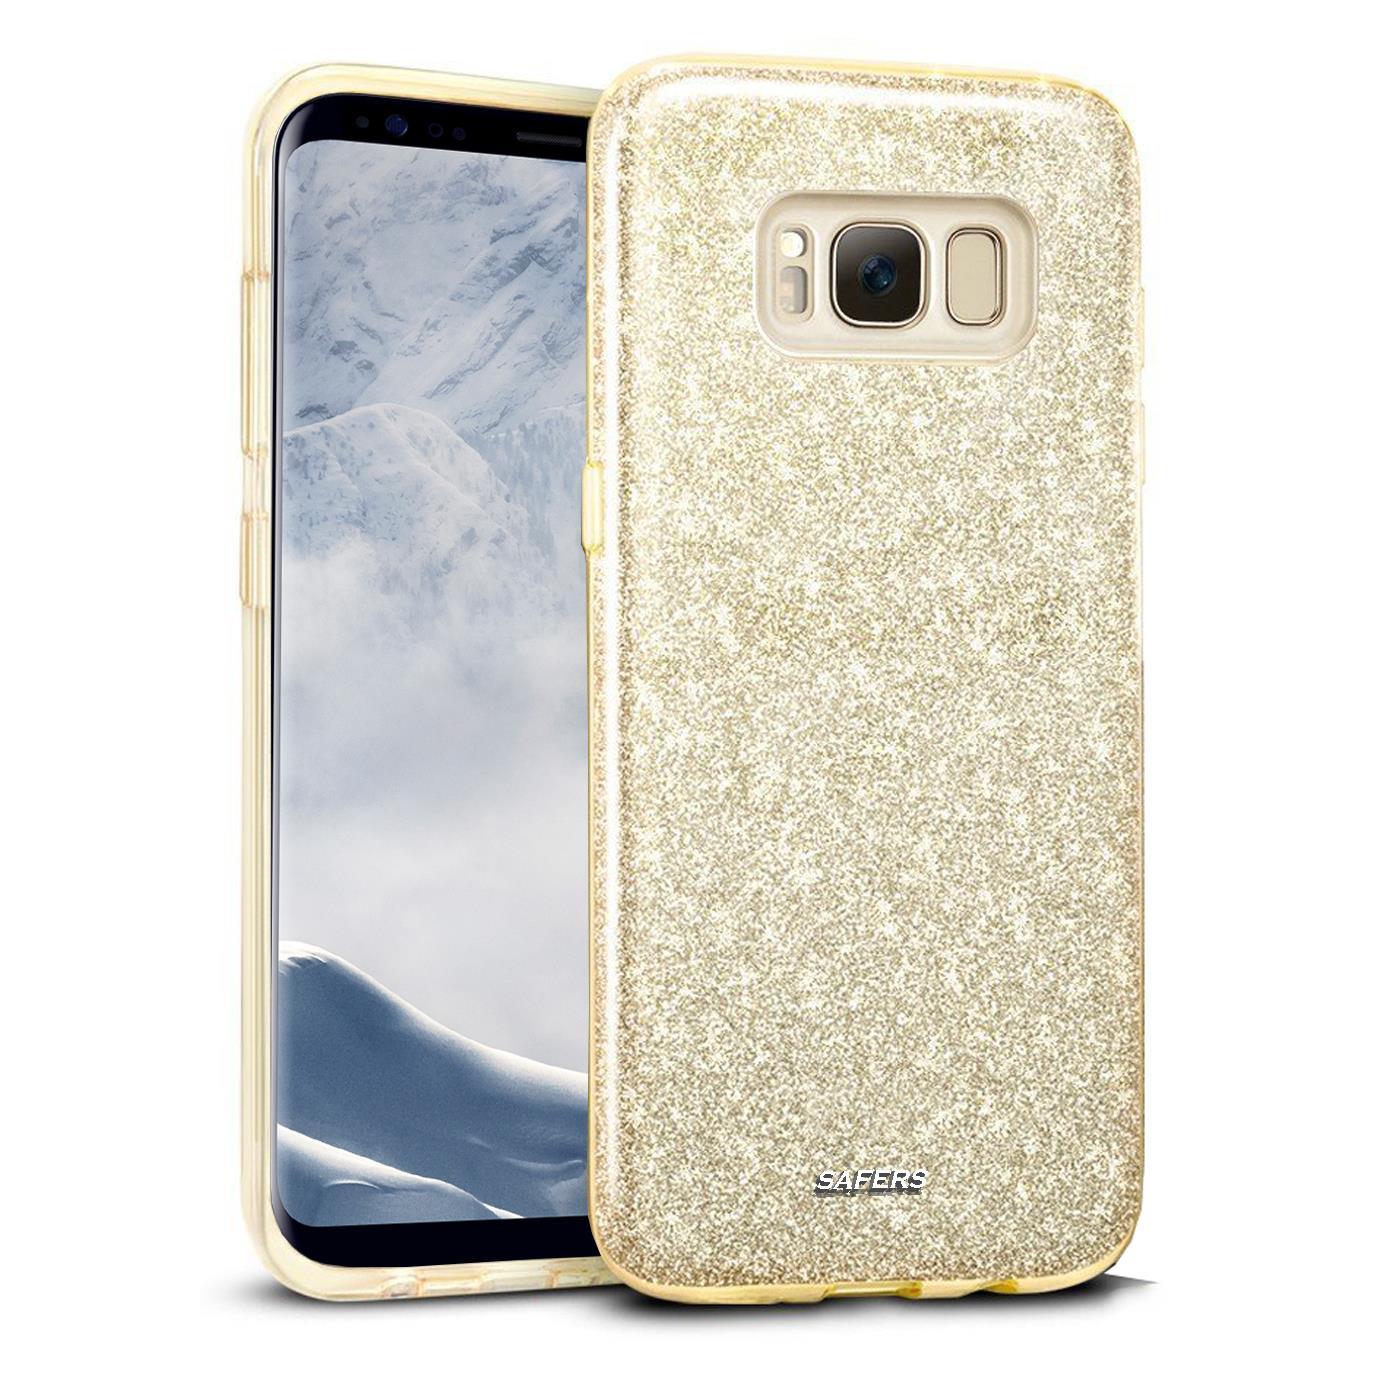 Handy-Glitzer-Huelle-fuer-Samsung-Galaxy-Slim-TPU-Cover-Case-Silikon-Schutz-Tasche Indexbild 5